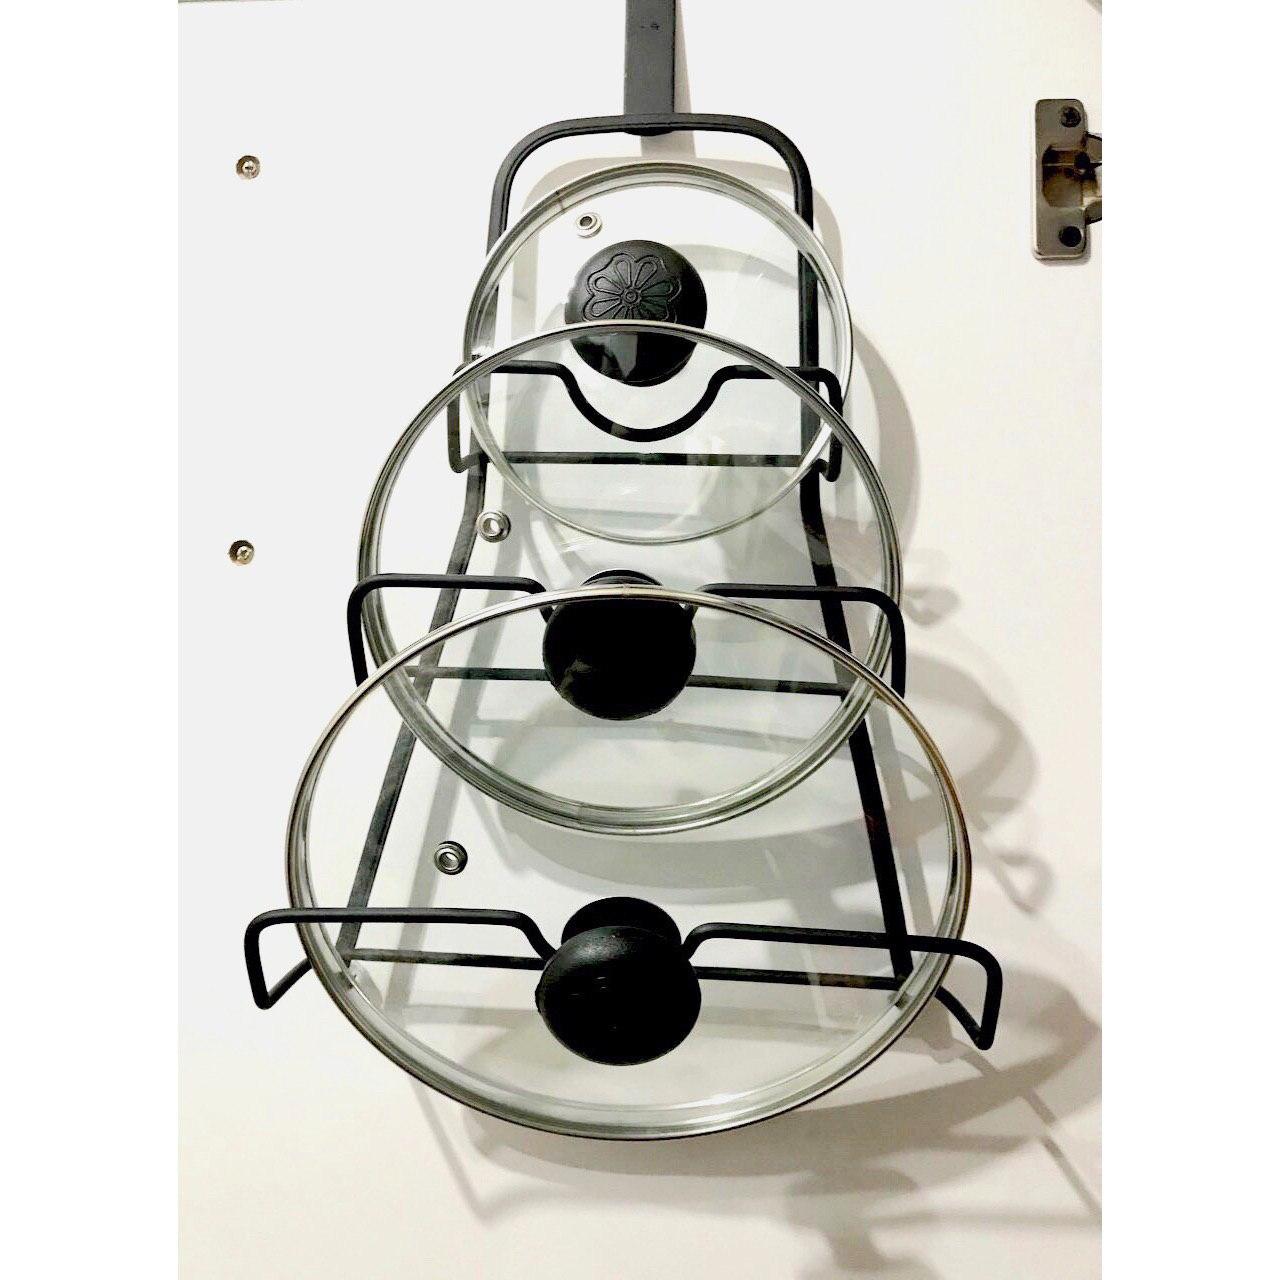 خرید پستی  استند نگهدارنده درب قابلمه 3طبقه کابینتی